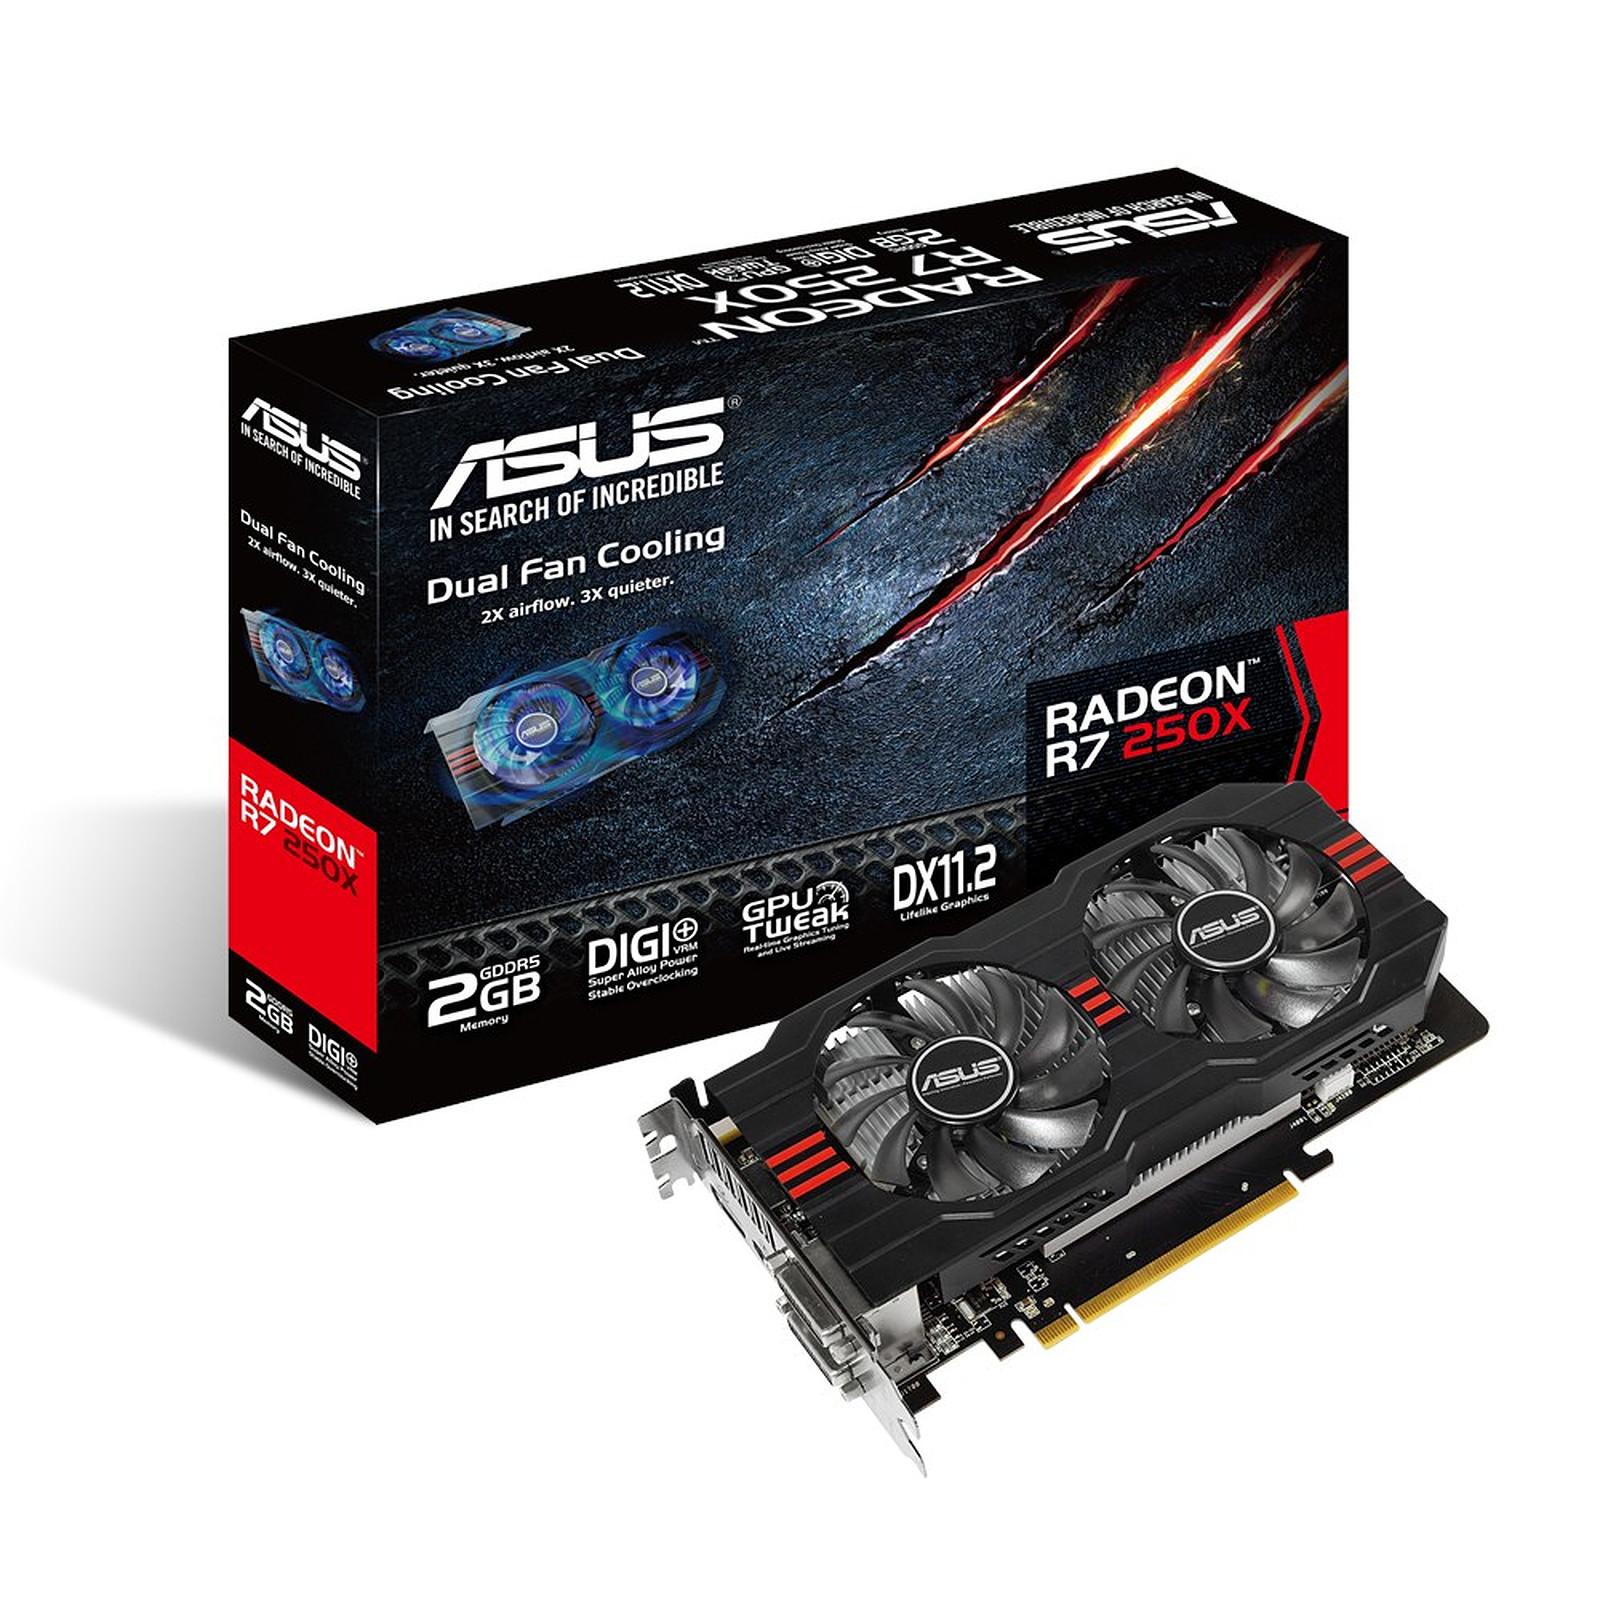 ASUS Radeon R7 250X R7250X-2GD5